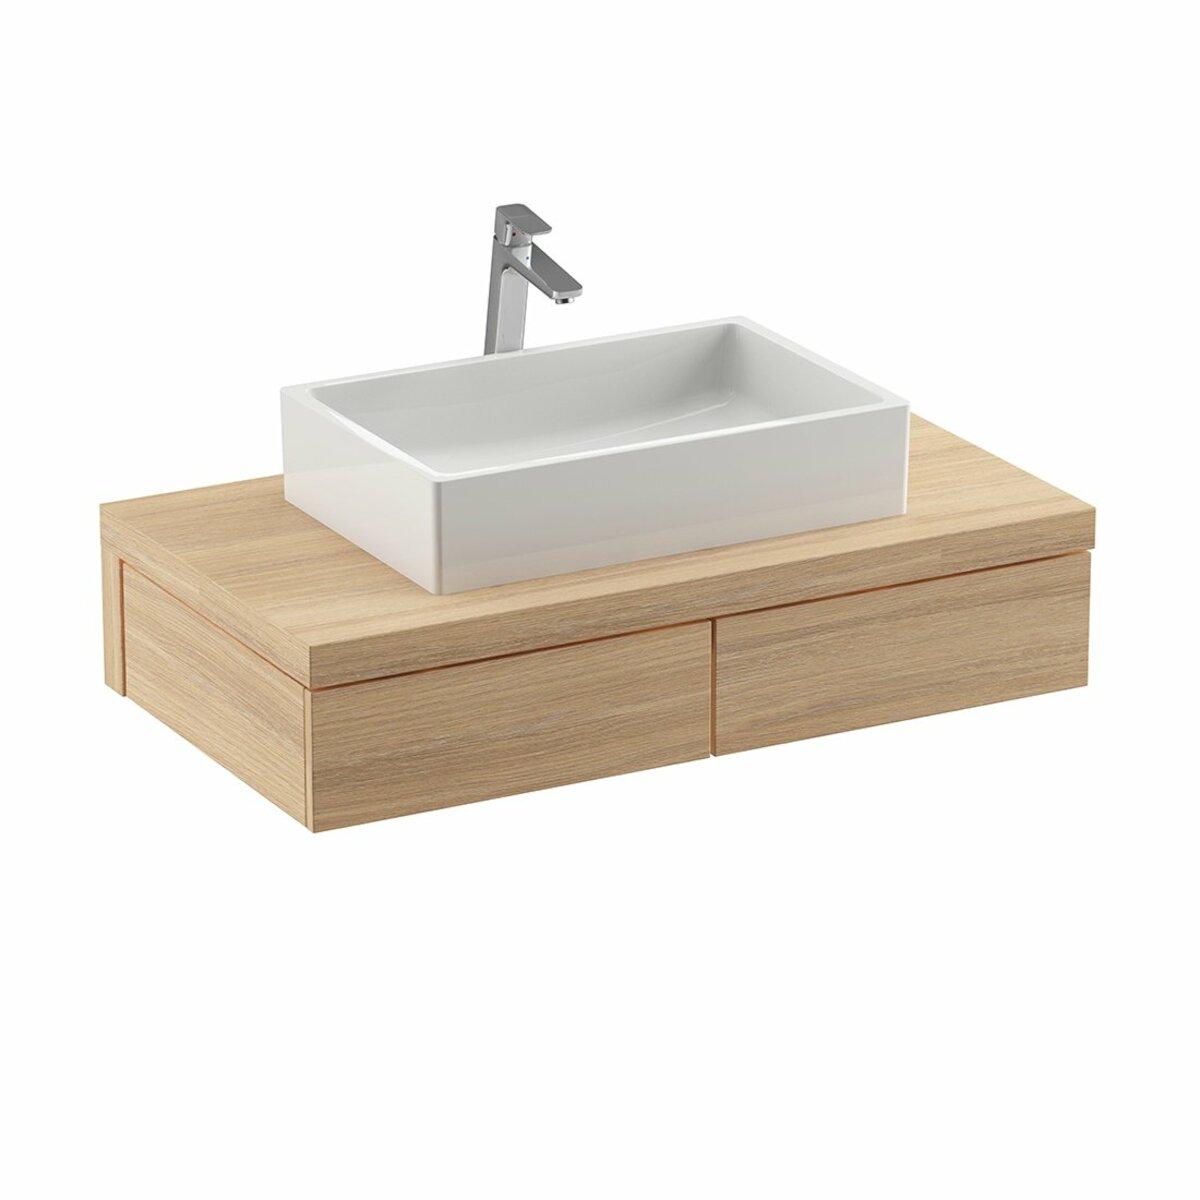 Kúpeľňová skrinka pod umývadlo Ravak Formy 100x55 cm dub X000001033